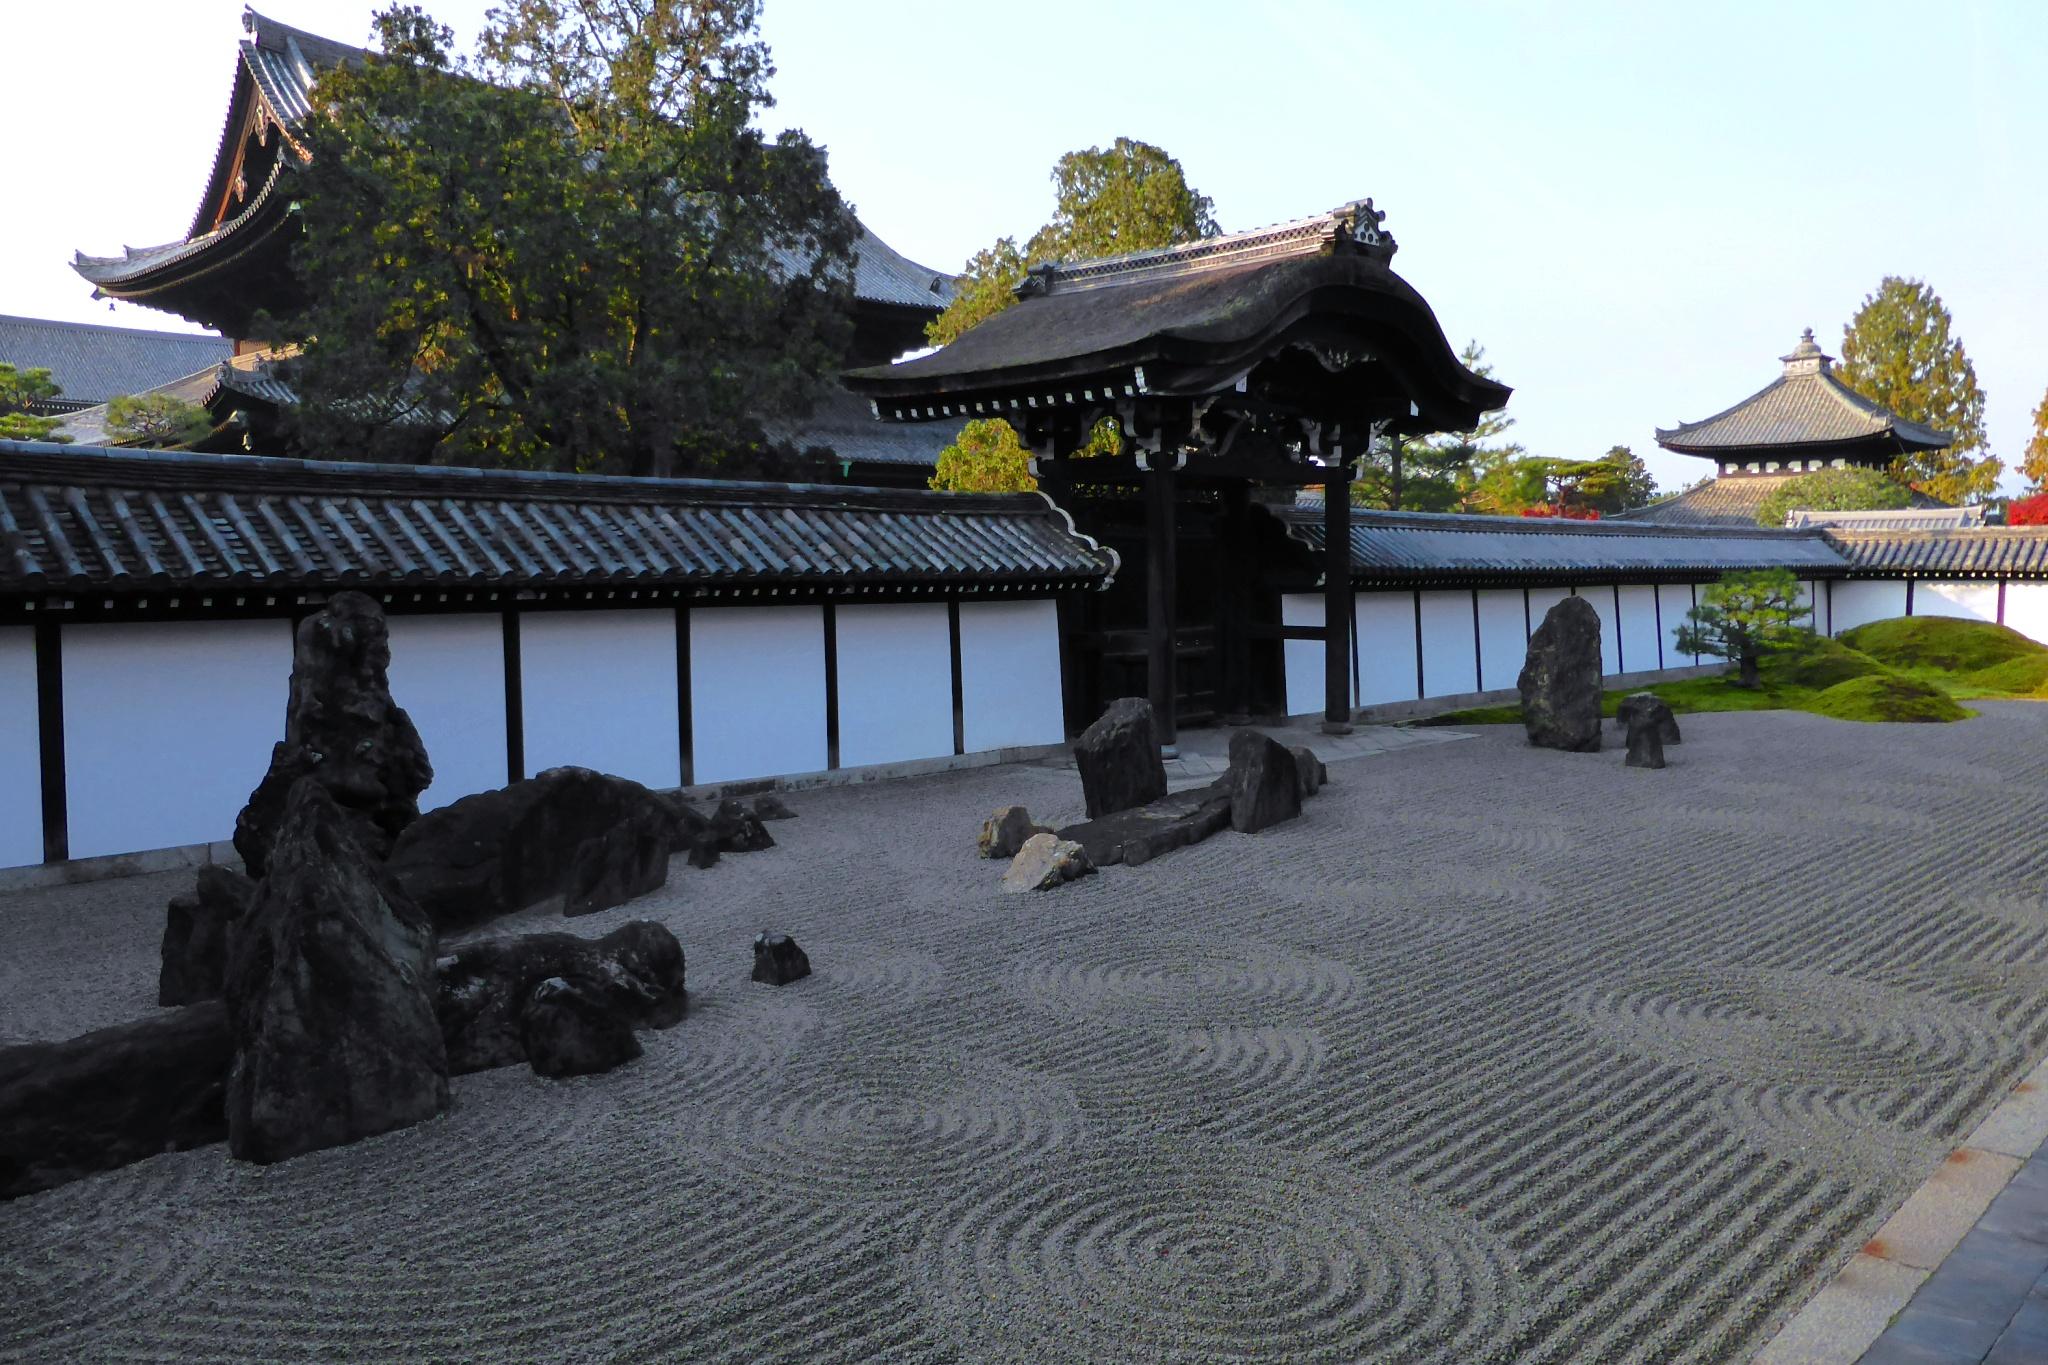 京都市東山区にある東福寺の南庭